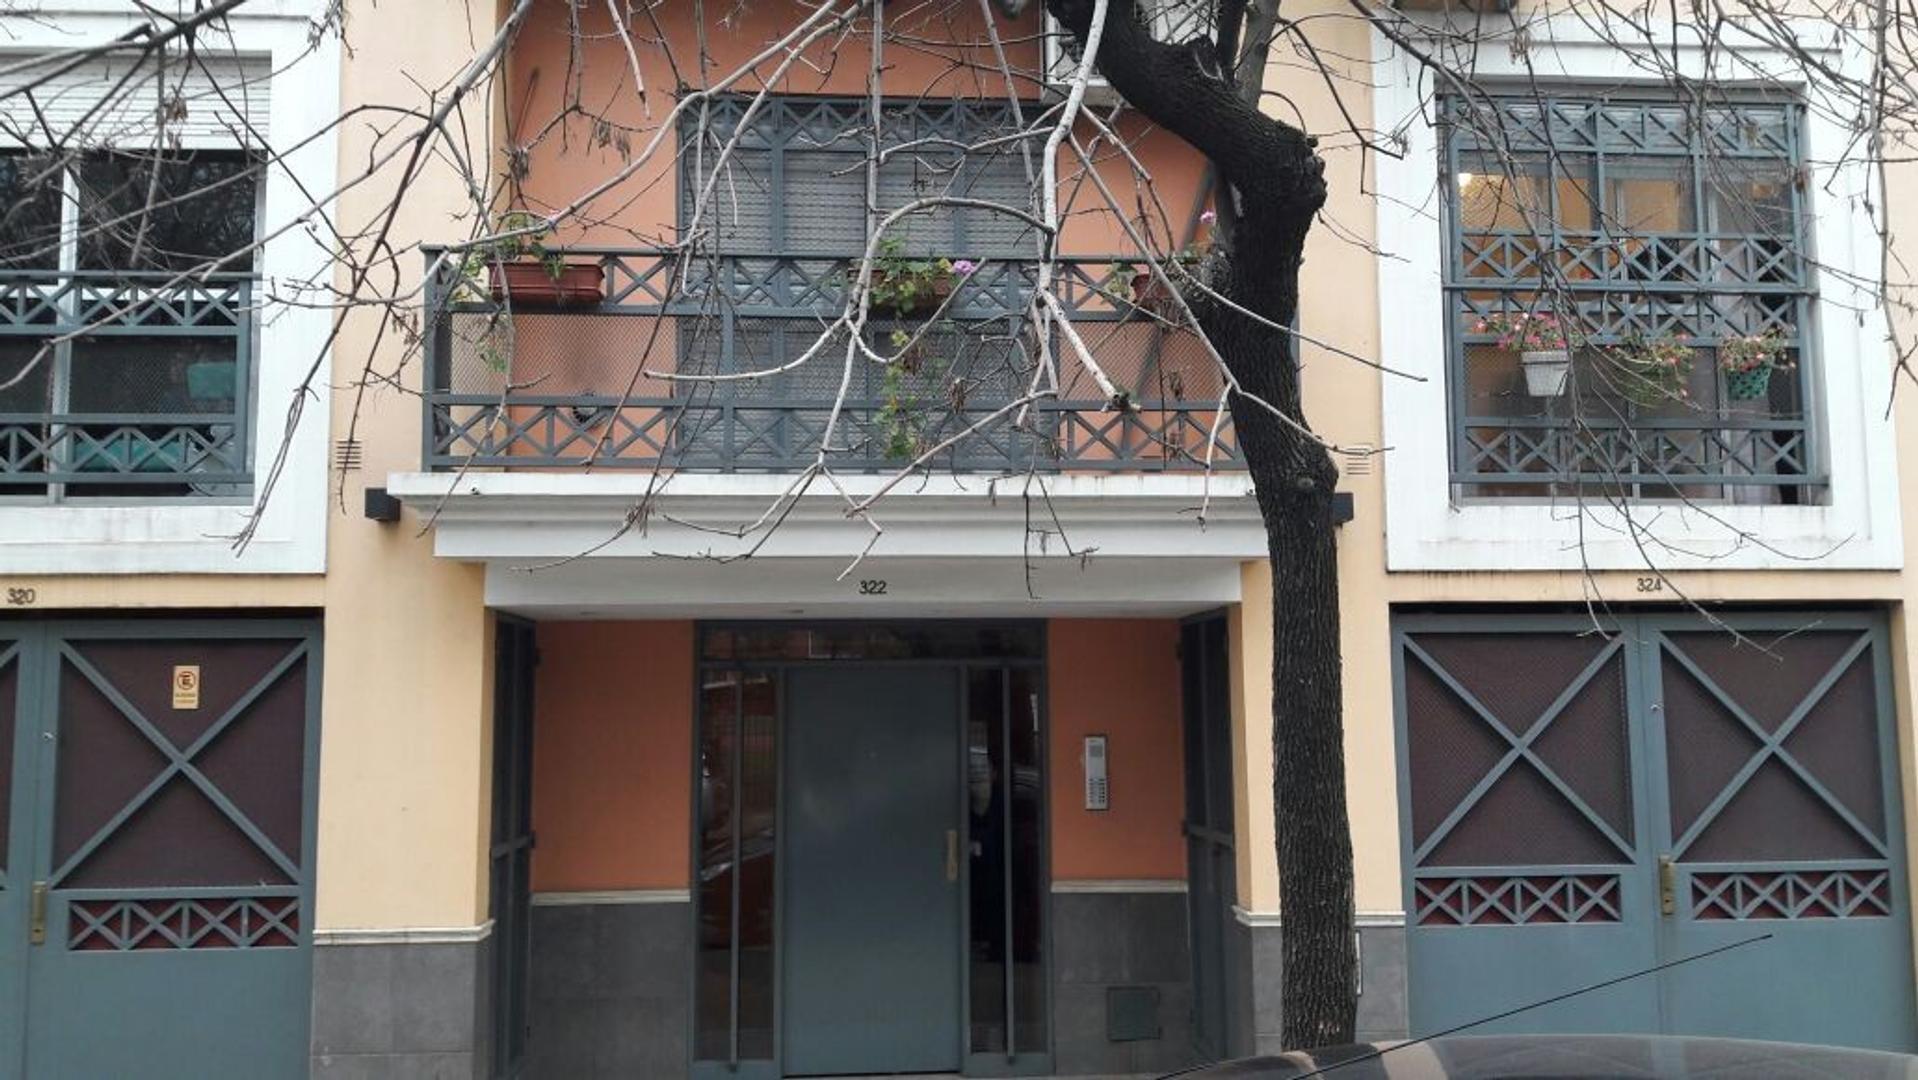 Departamento - Venta - Argentina, Capital Federal - FONROUGE   AL 300